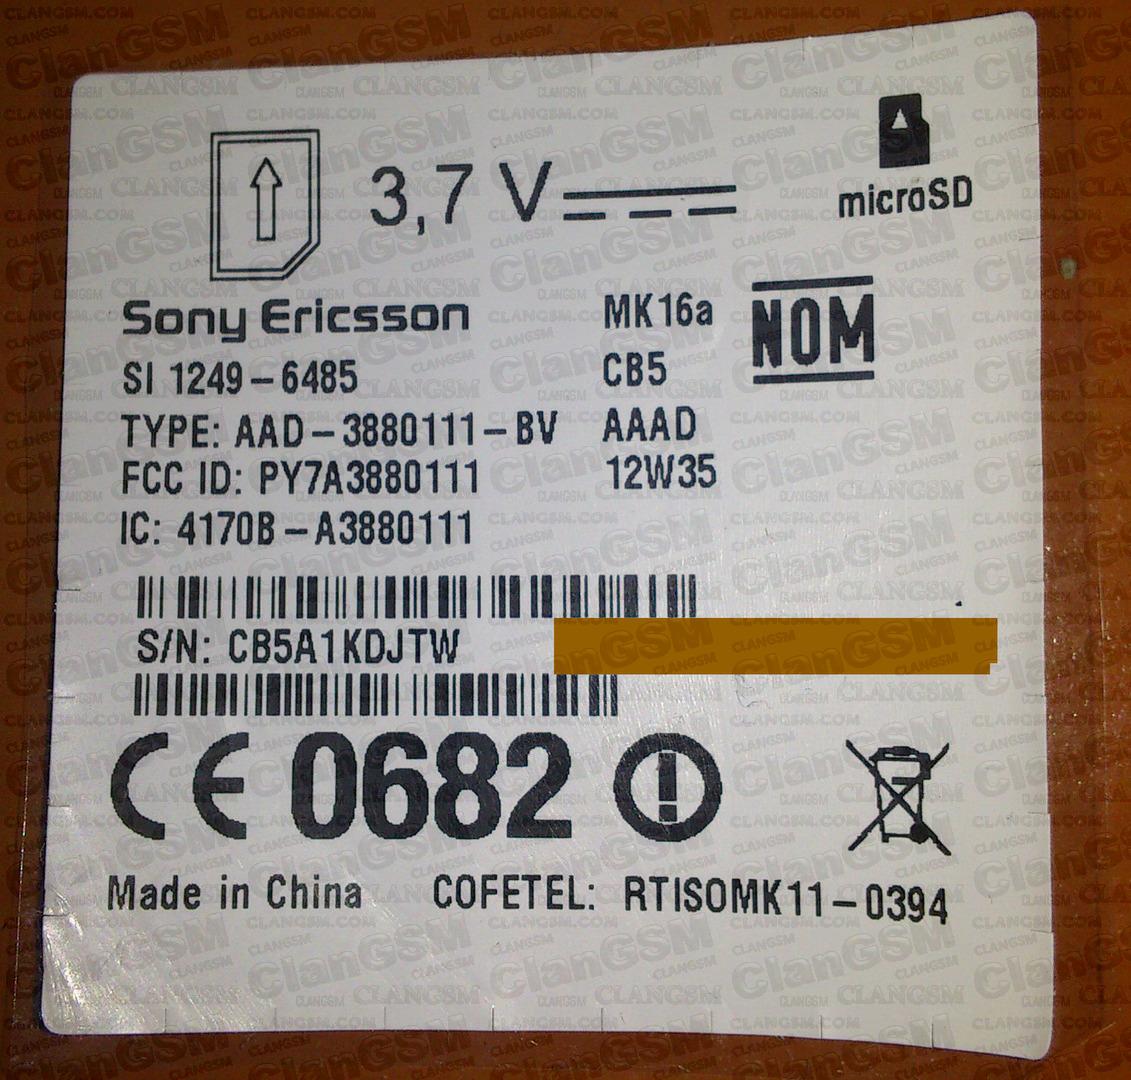 Se Puede Liberar Mk16a? - Clan GSM - Unión de los Expertos en ...